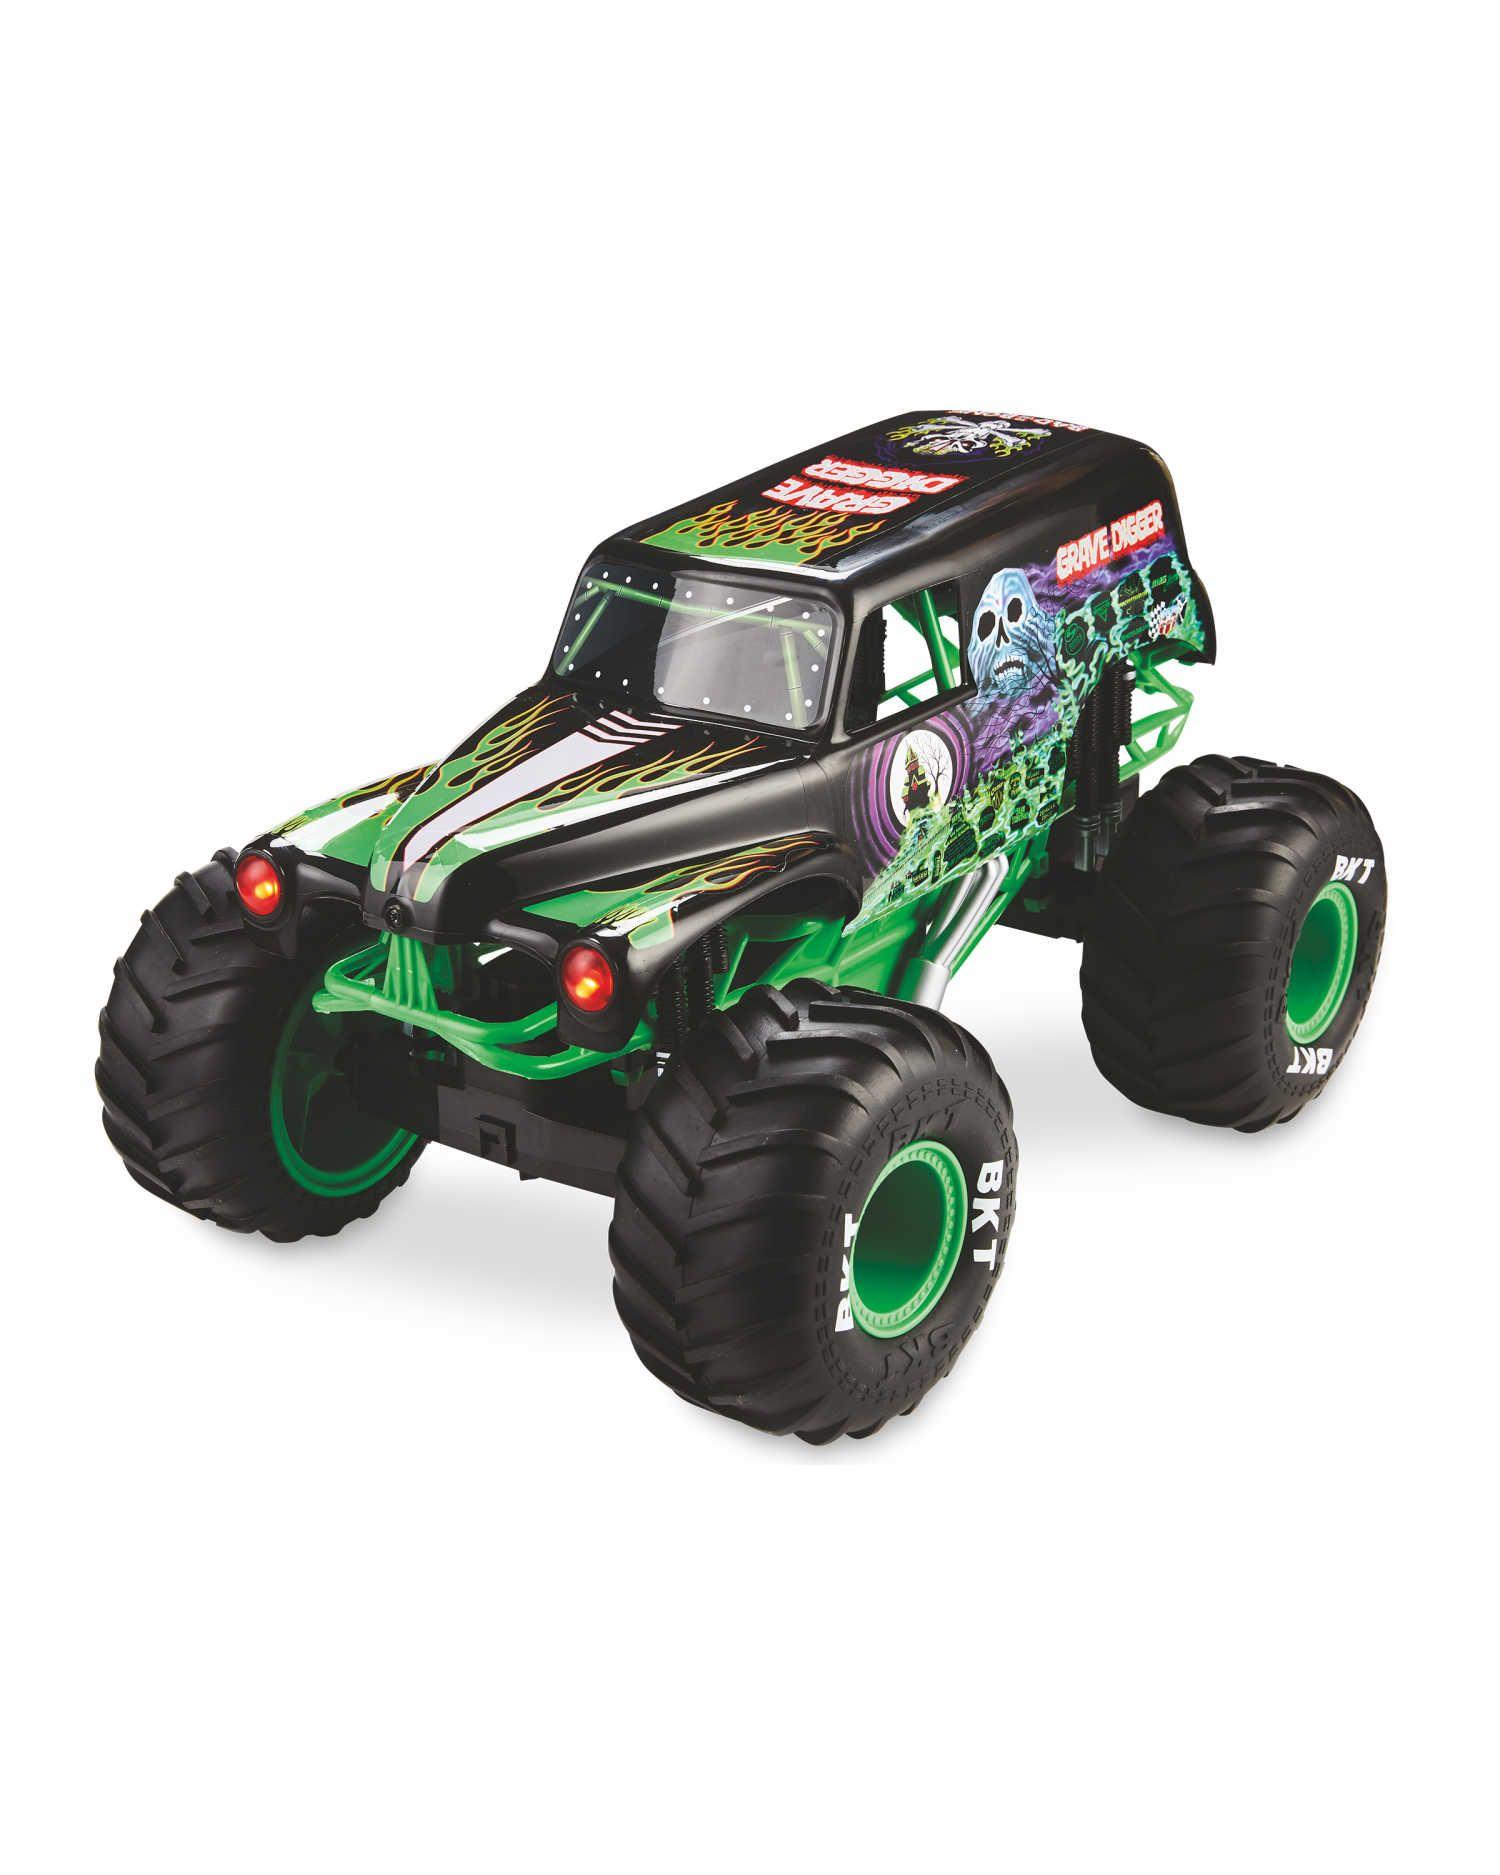 Monster Jam Truck Grave Digger 1:10 - £39.99 Delivered @ Aldi